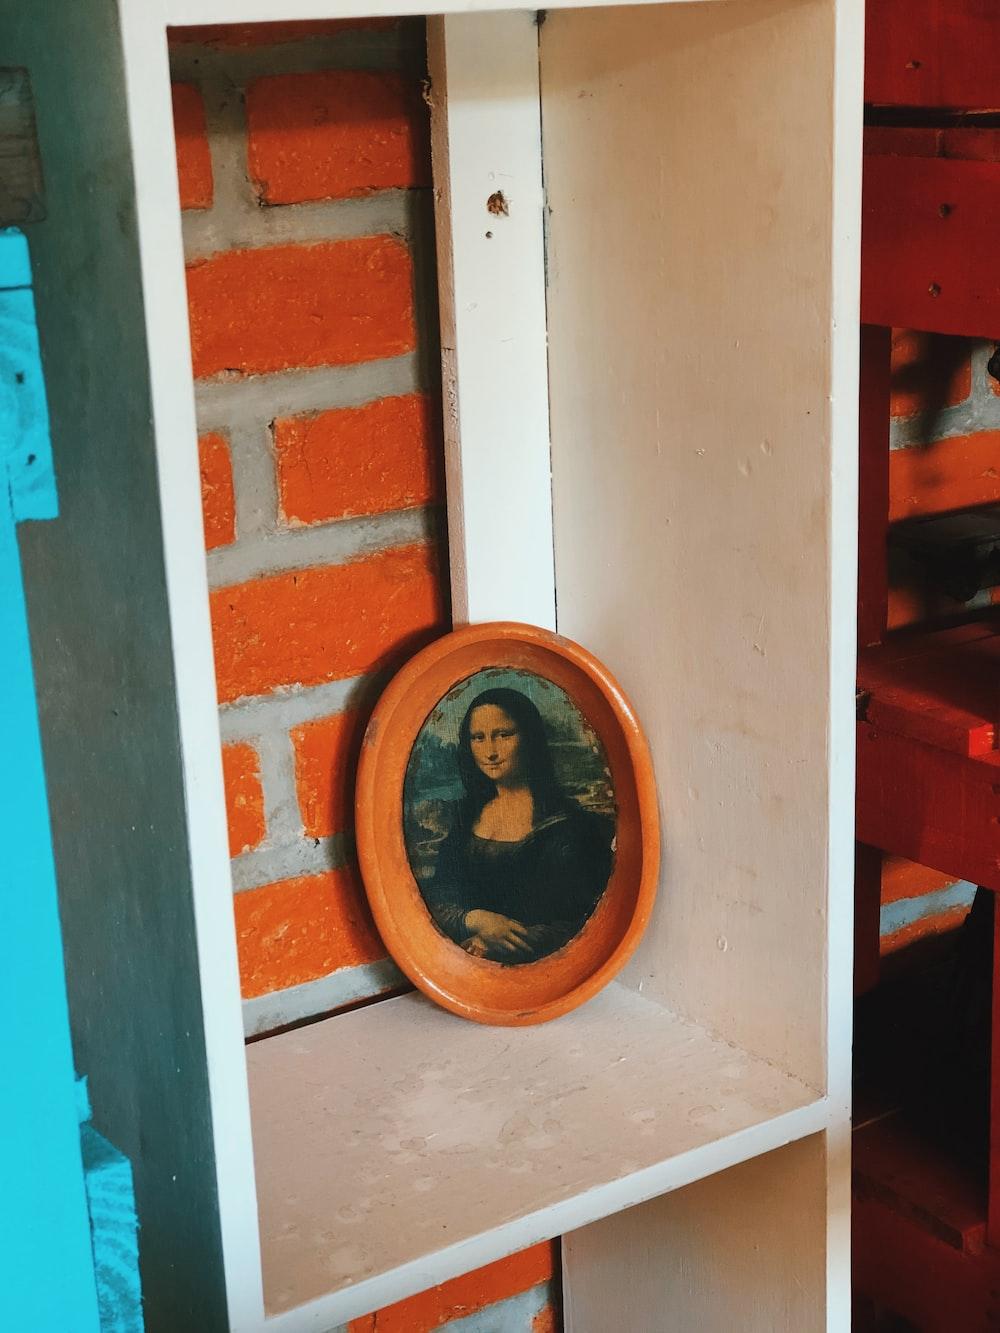 brown wooden round frame on brown wooden shelf